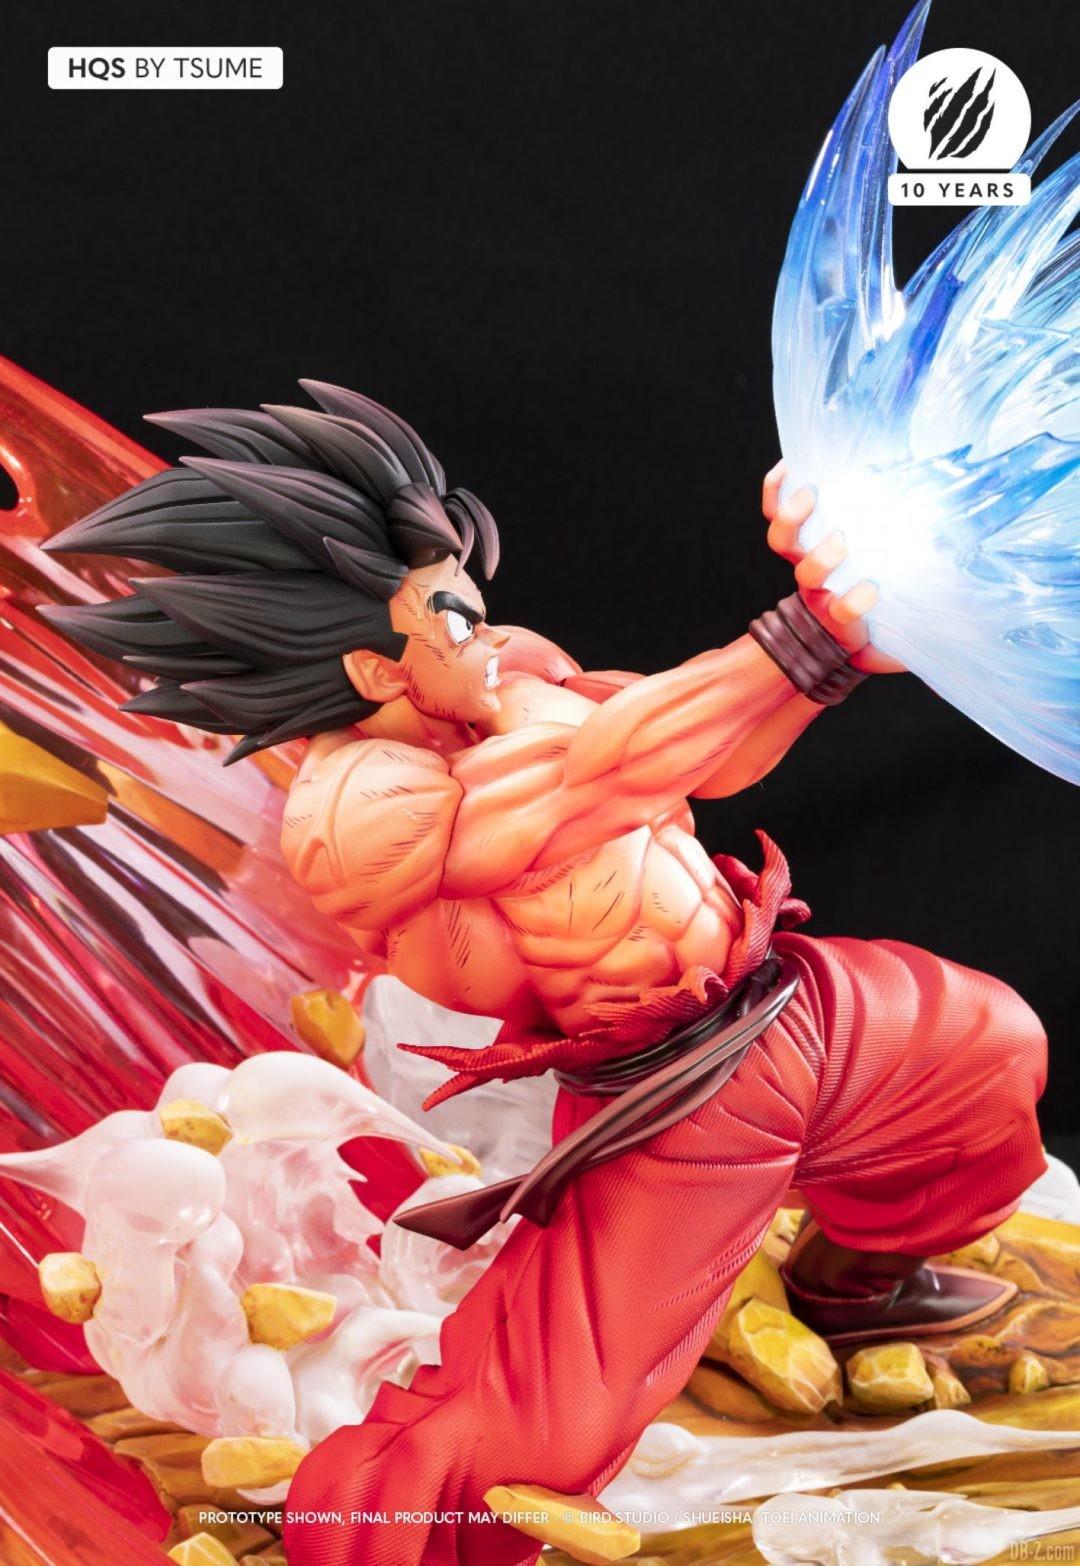 HQS Goku KaioKen Tsume Art Image 13